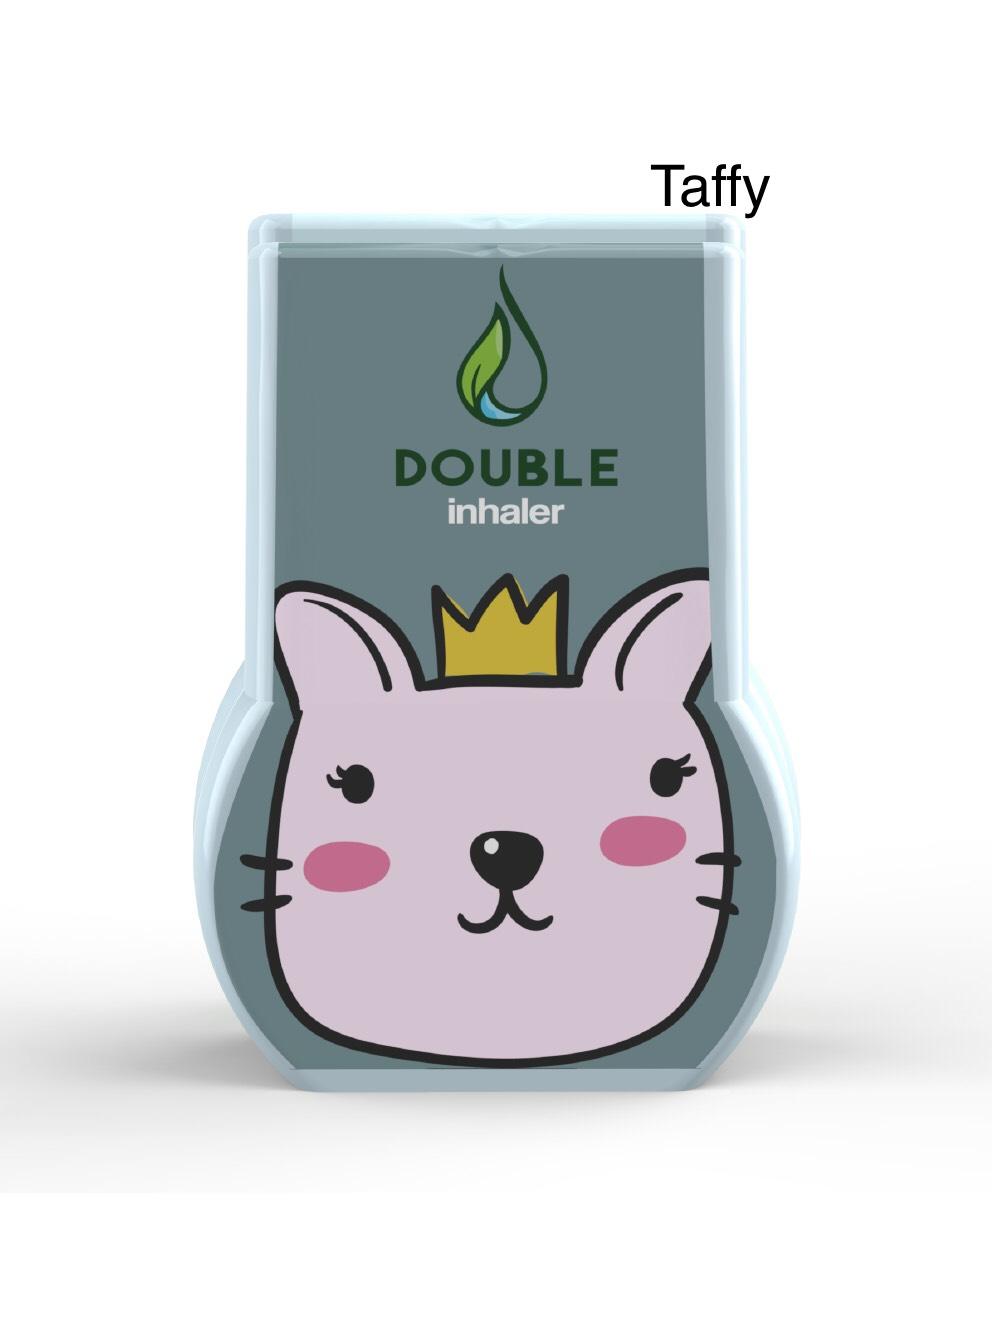 ยาดมดับเบิ้ล แบบ 2 รูดม หอม .. สดชื่น ไม่เหมือนใคร ลาย Taffy (แมวหนุ่ม)